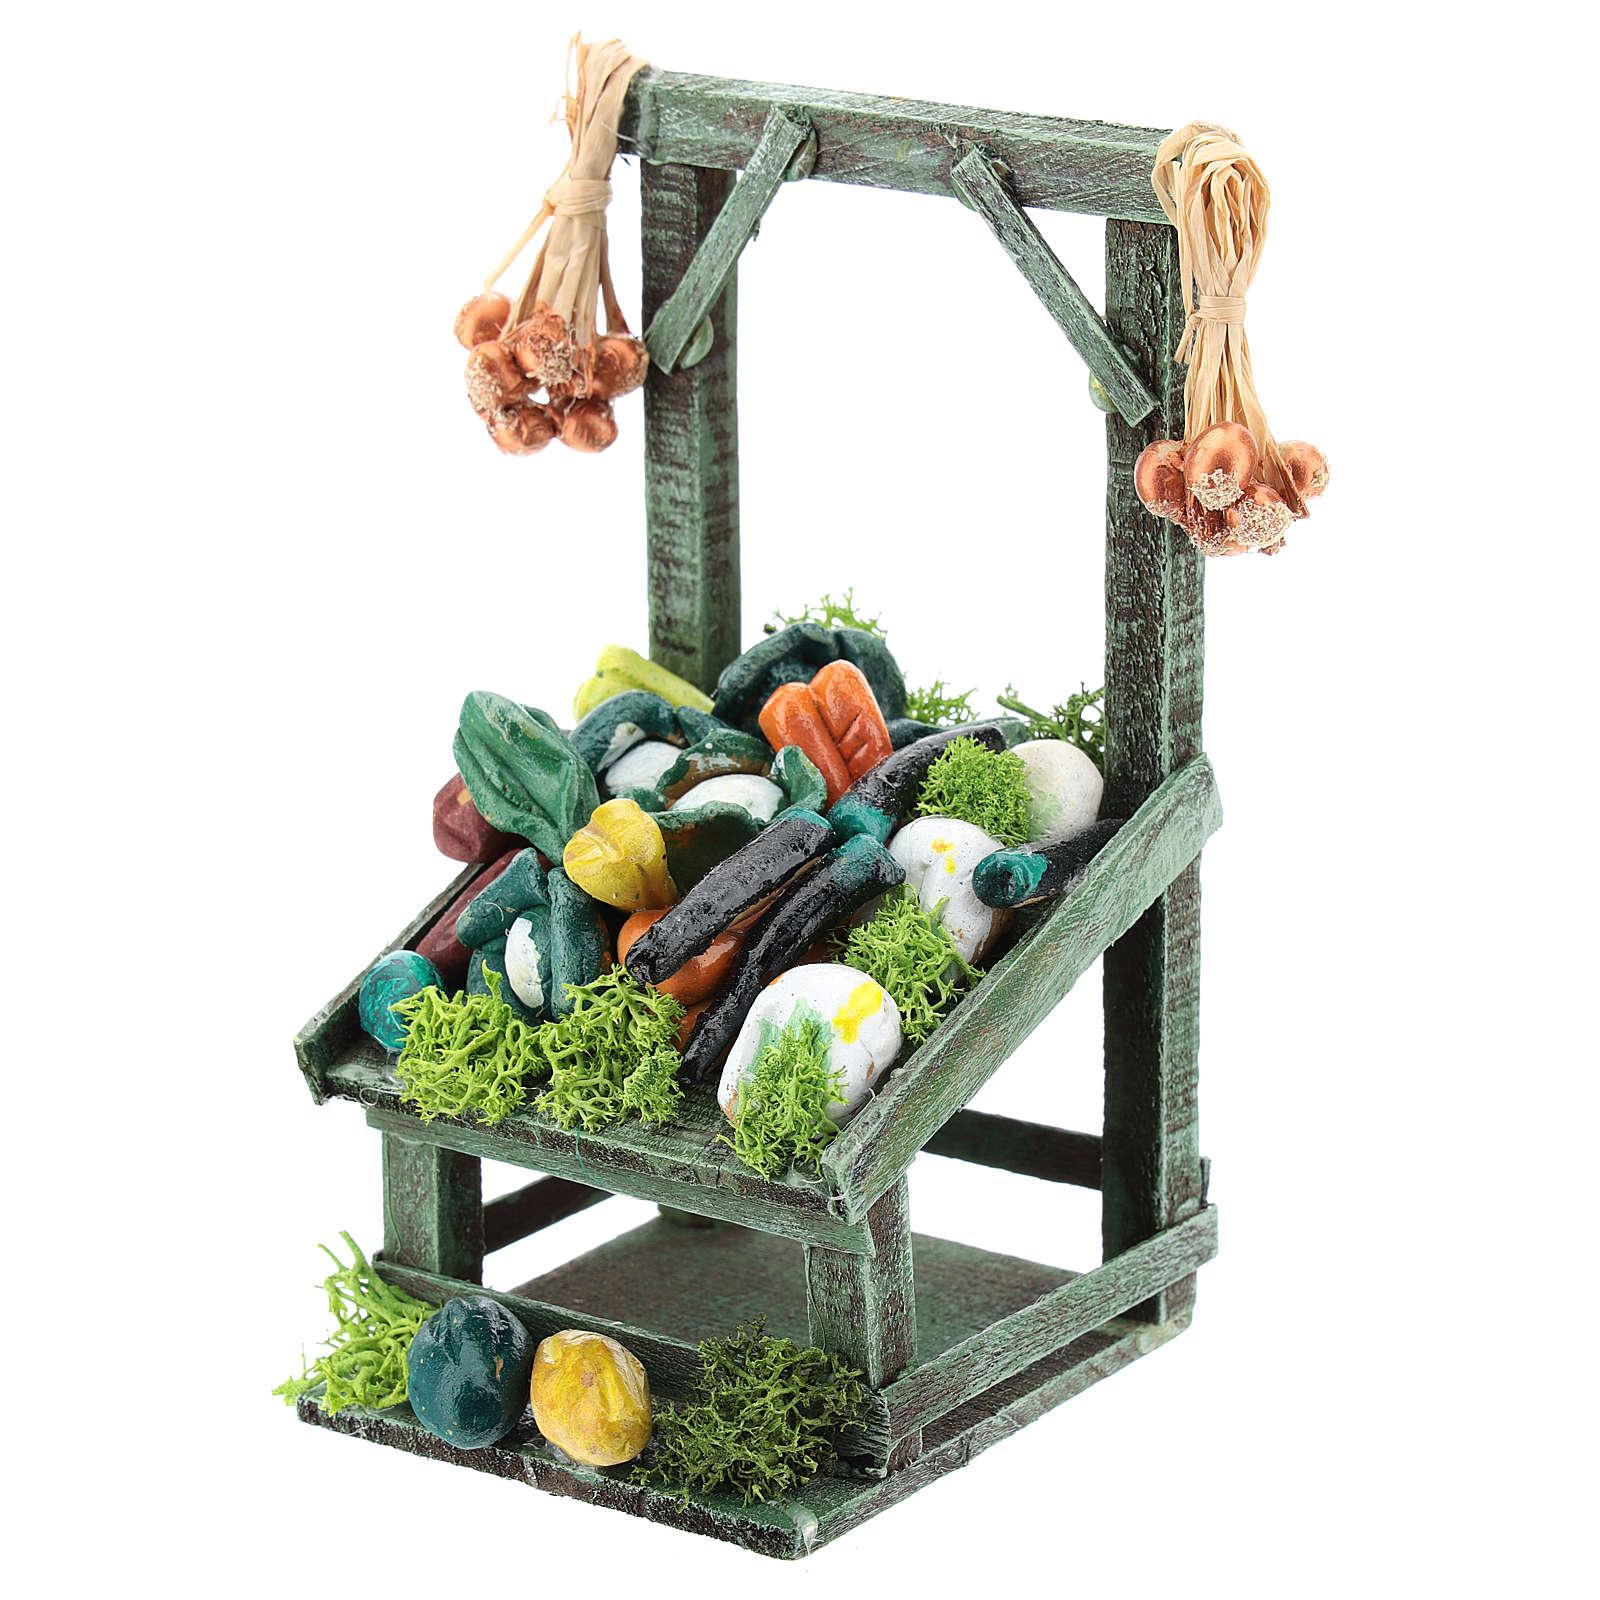 Mostrador inclinado hortalizas para belén napolitano de 6-8 cm 4